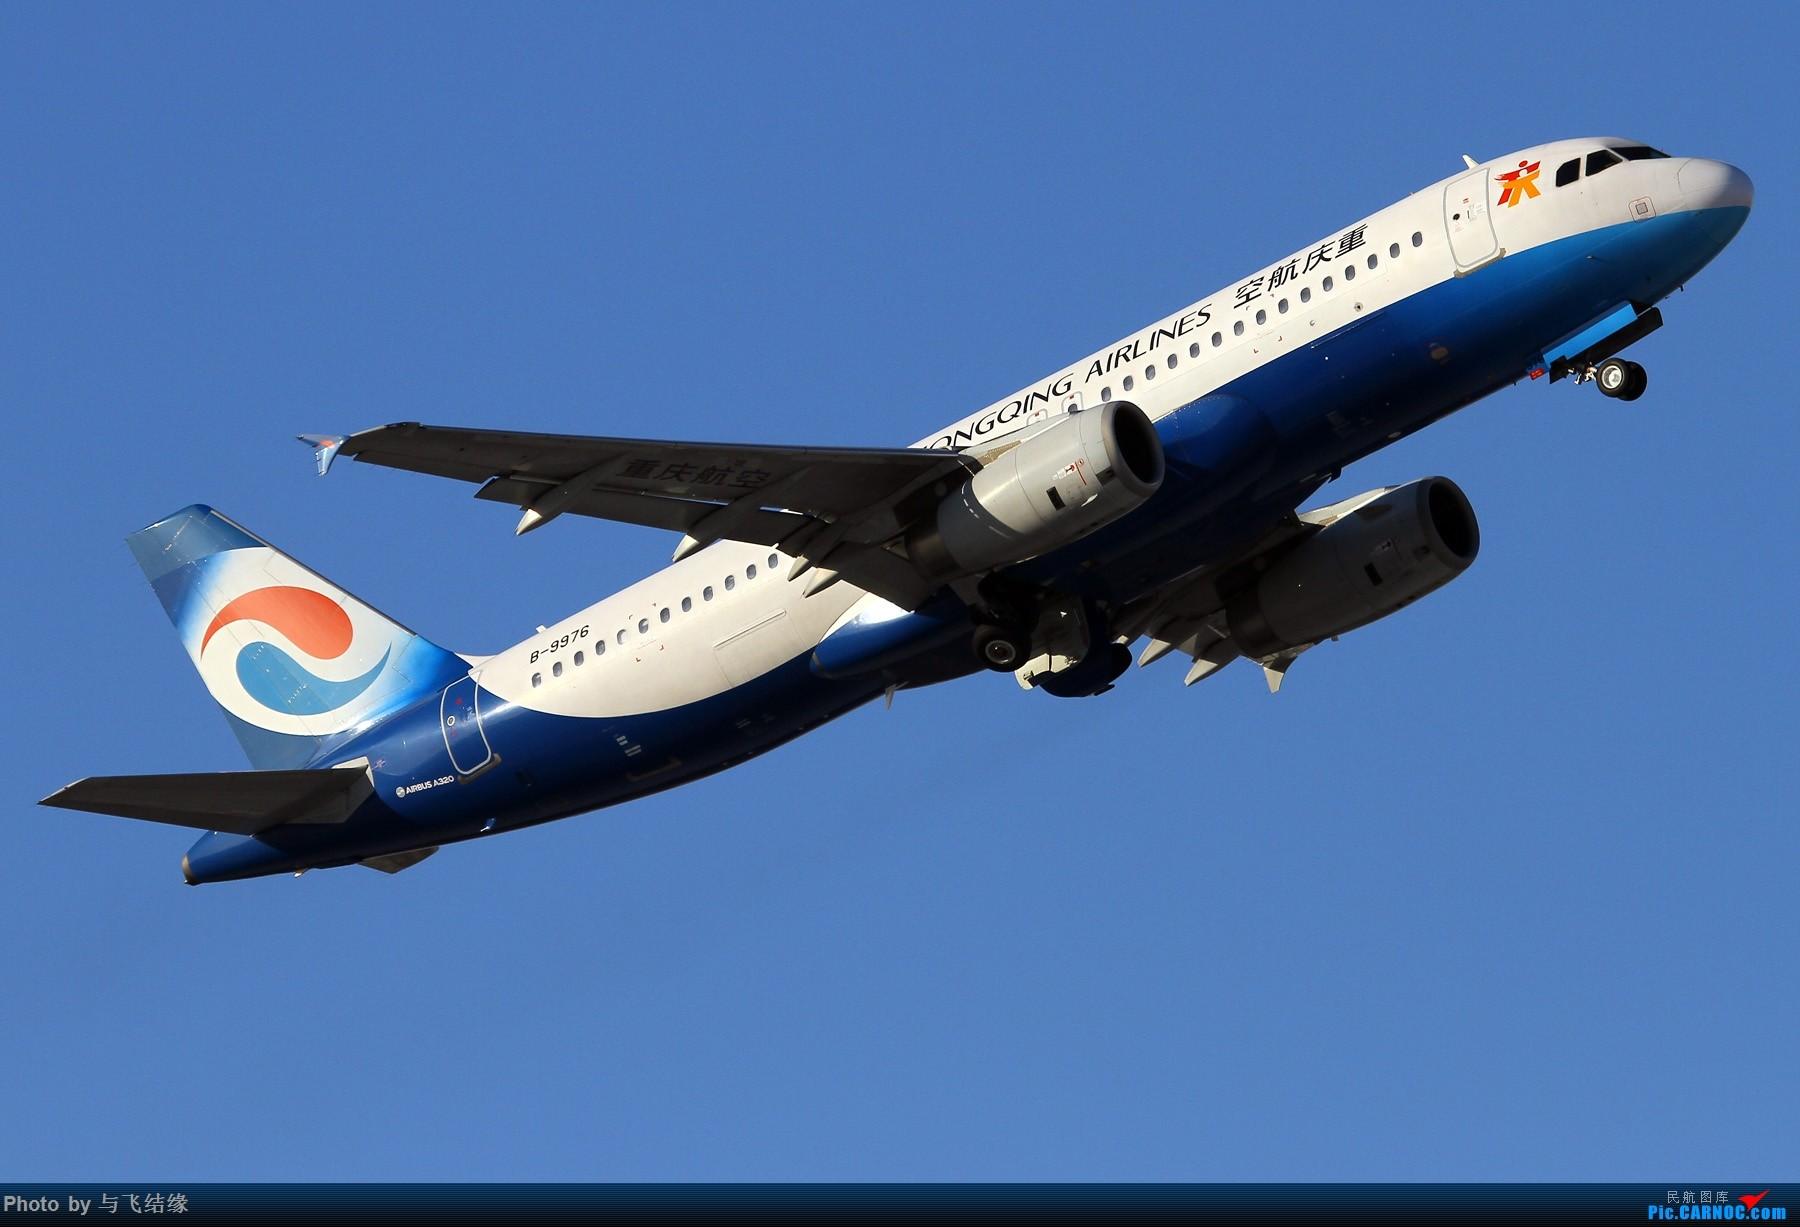 昂首起飞的重庆航空Airbus A320-200,B-9976. AIRBUS A320-200 B-9976 中国北京首都国际机场